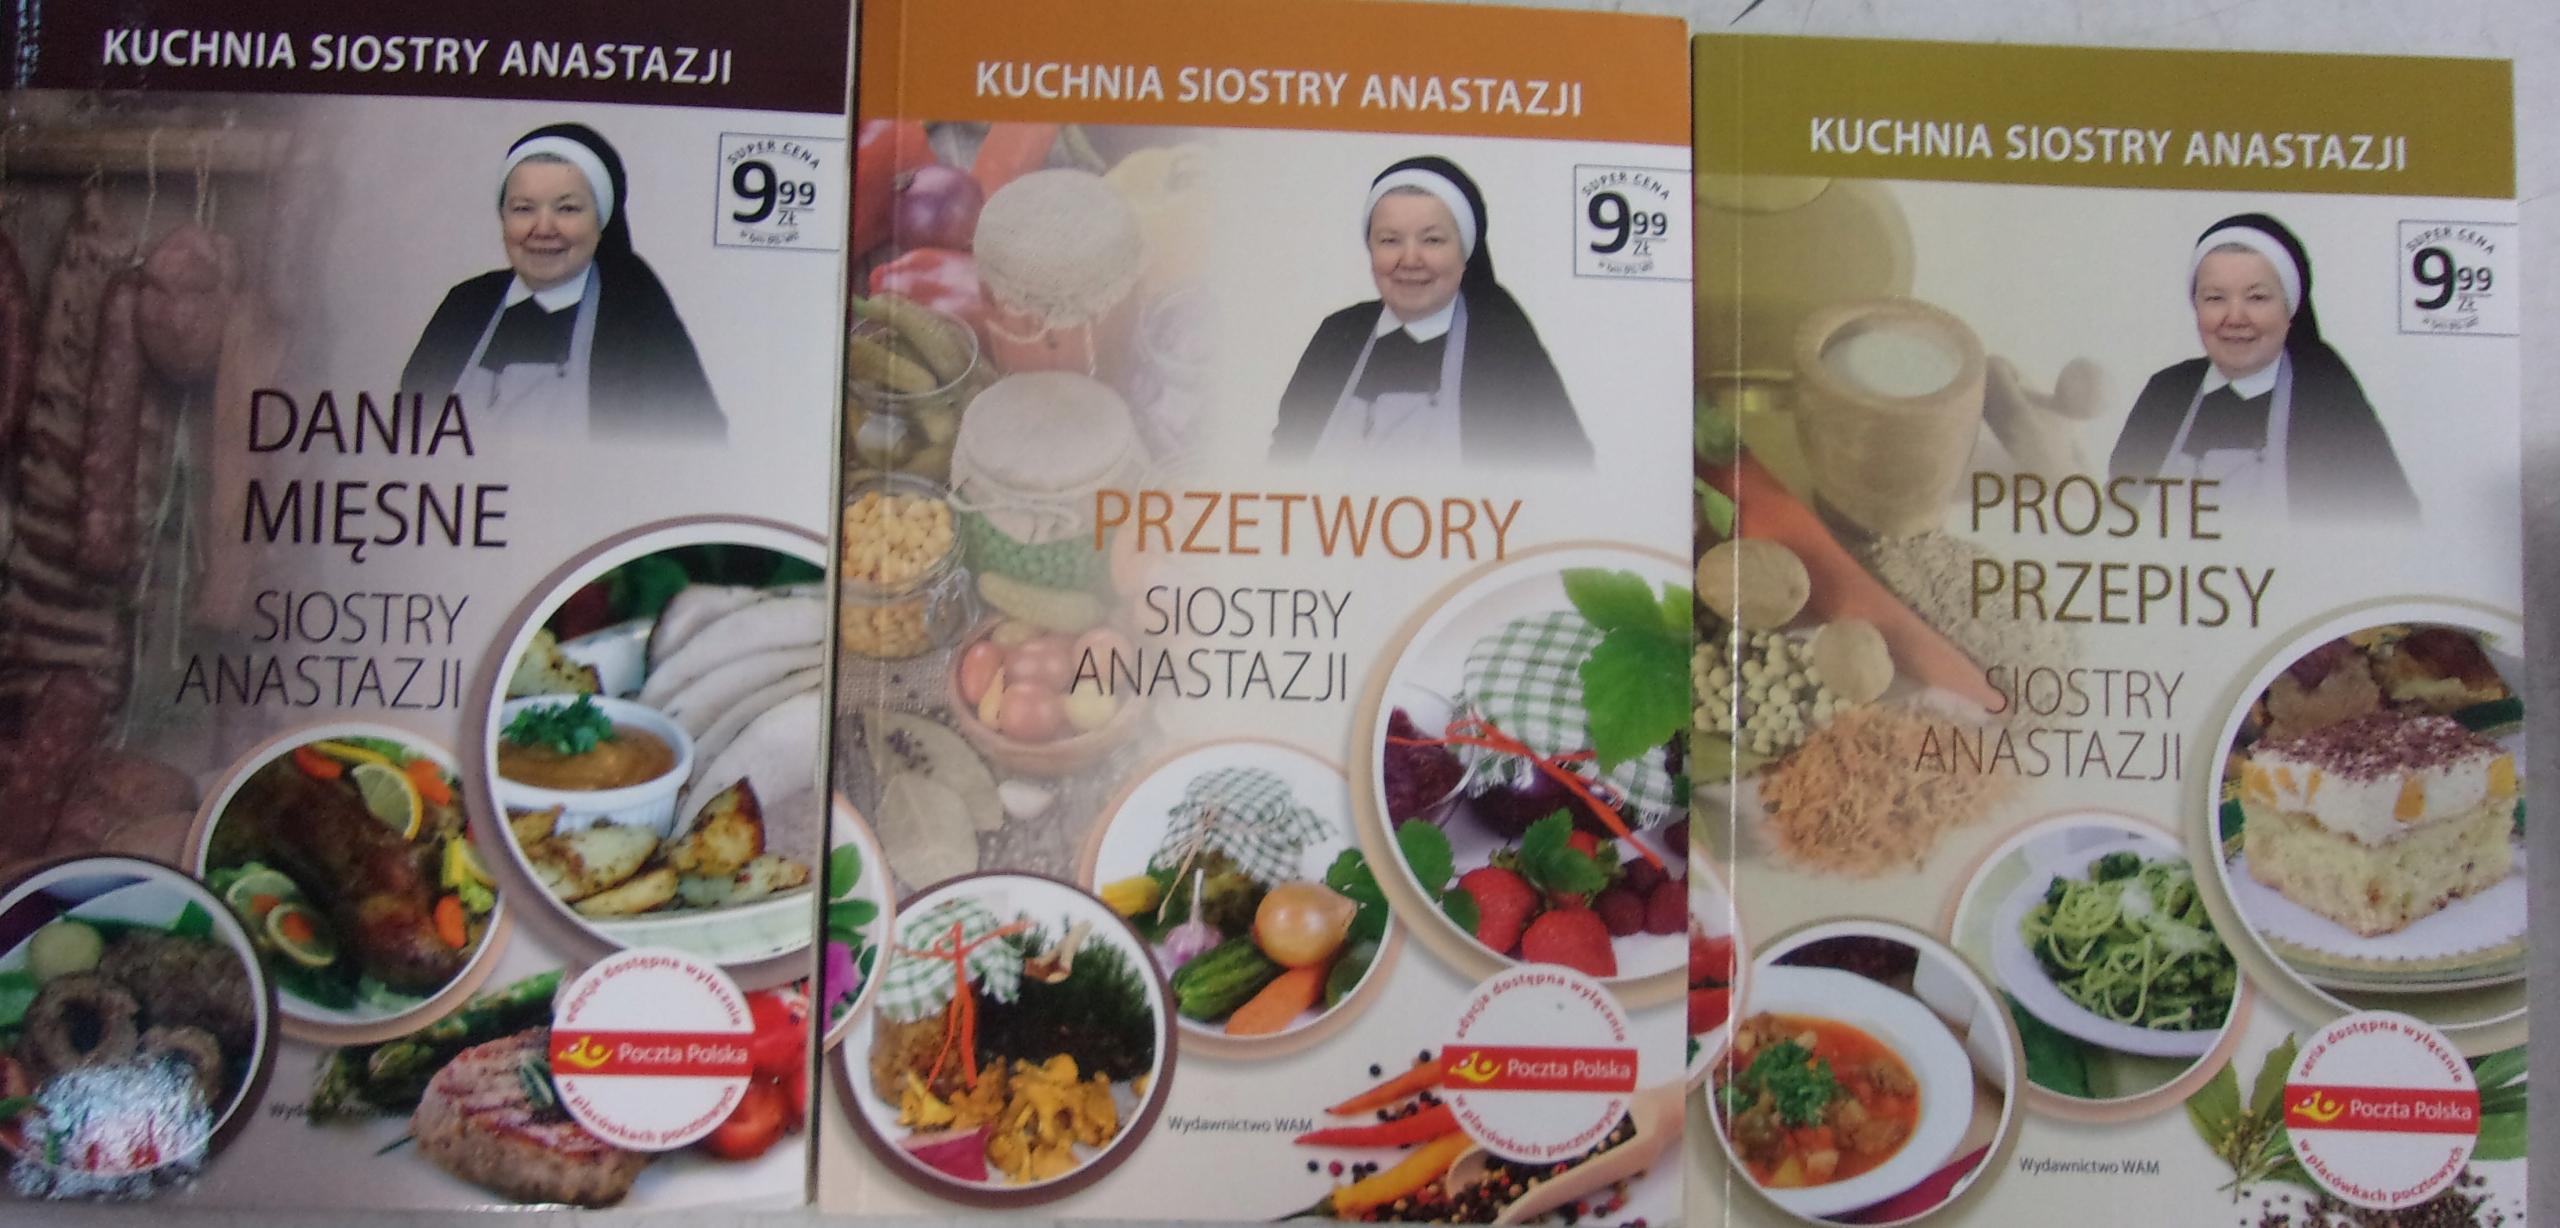 Kuchnia Siostry Anastazji 3 Książki 7668467330 Oficjalne